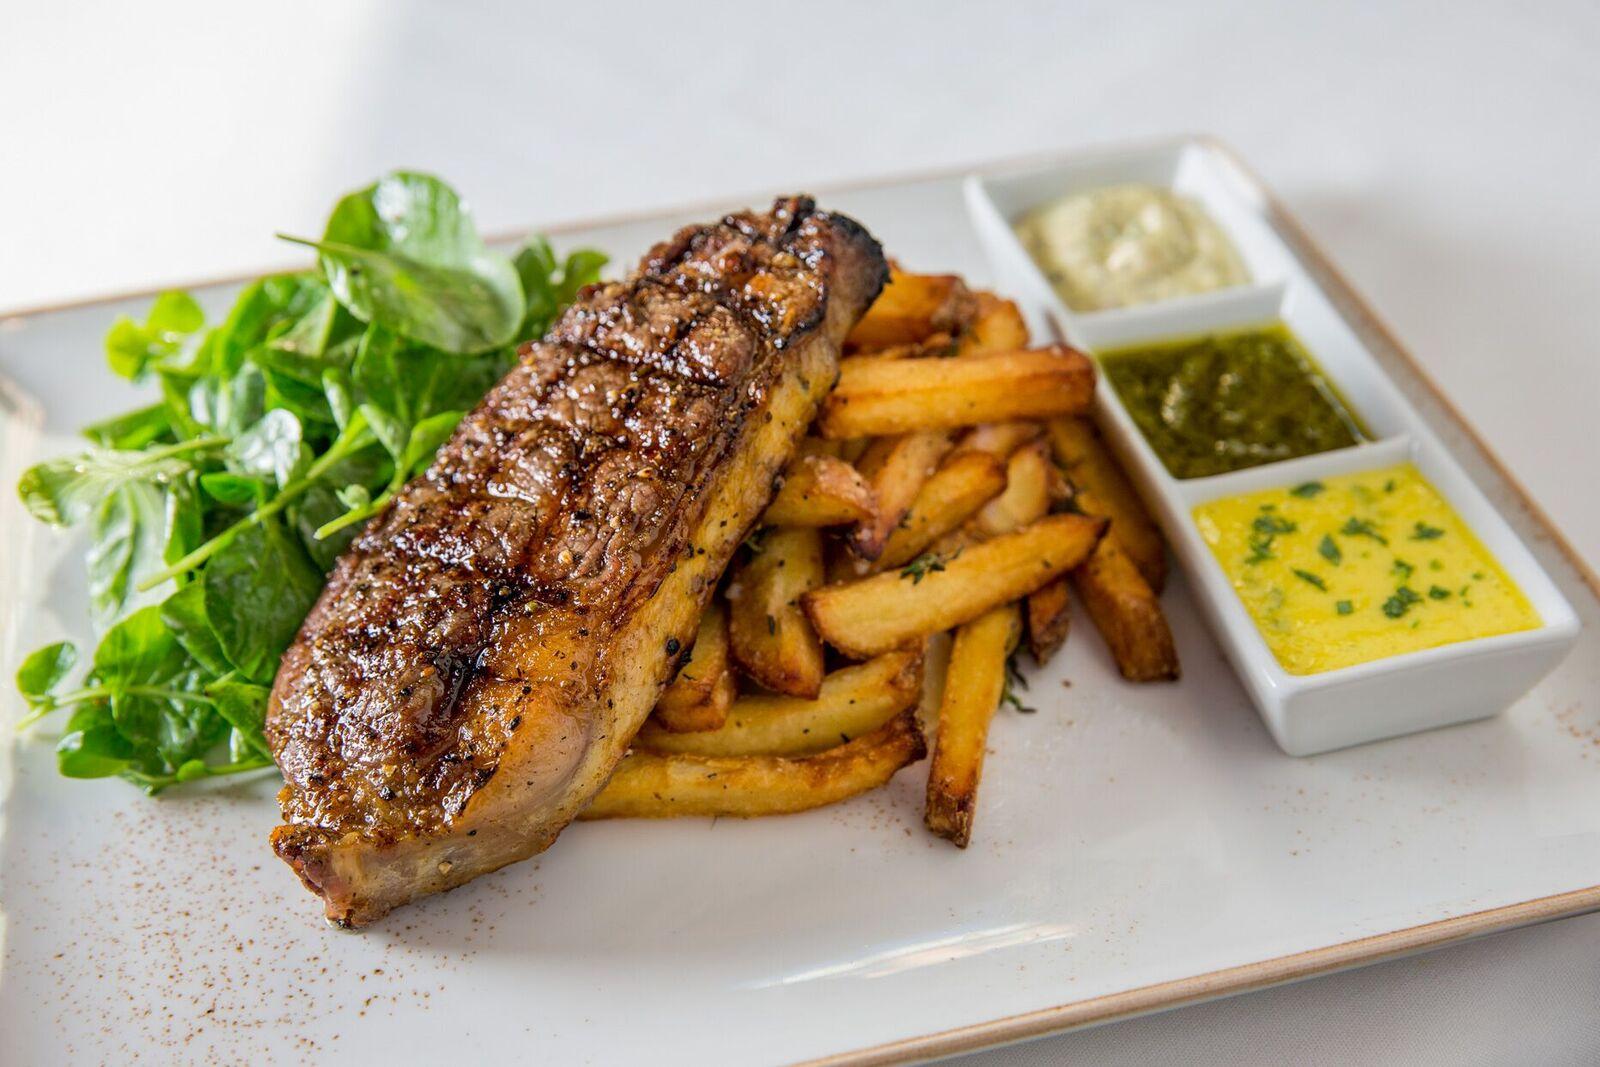 steak_frites_dinner_3954_preview